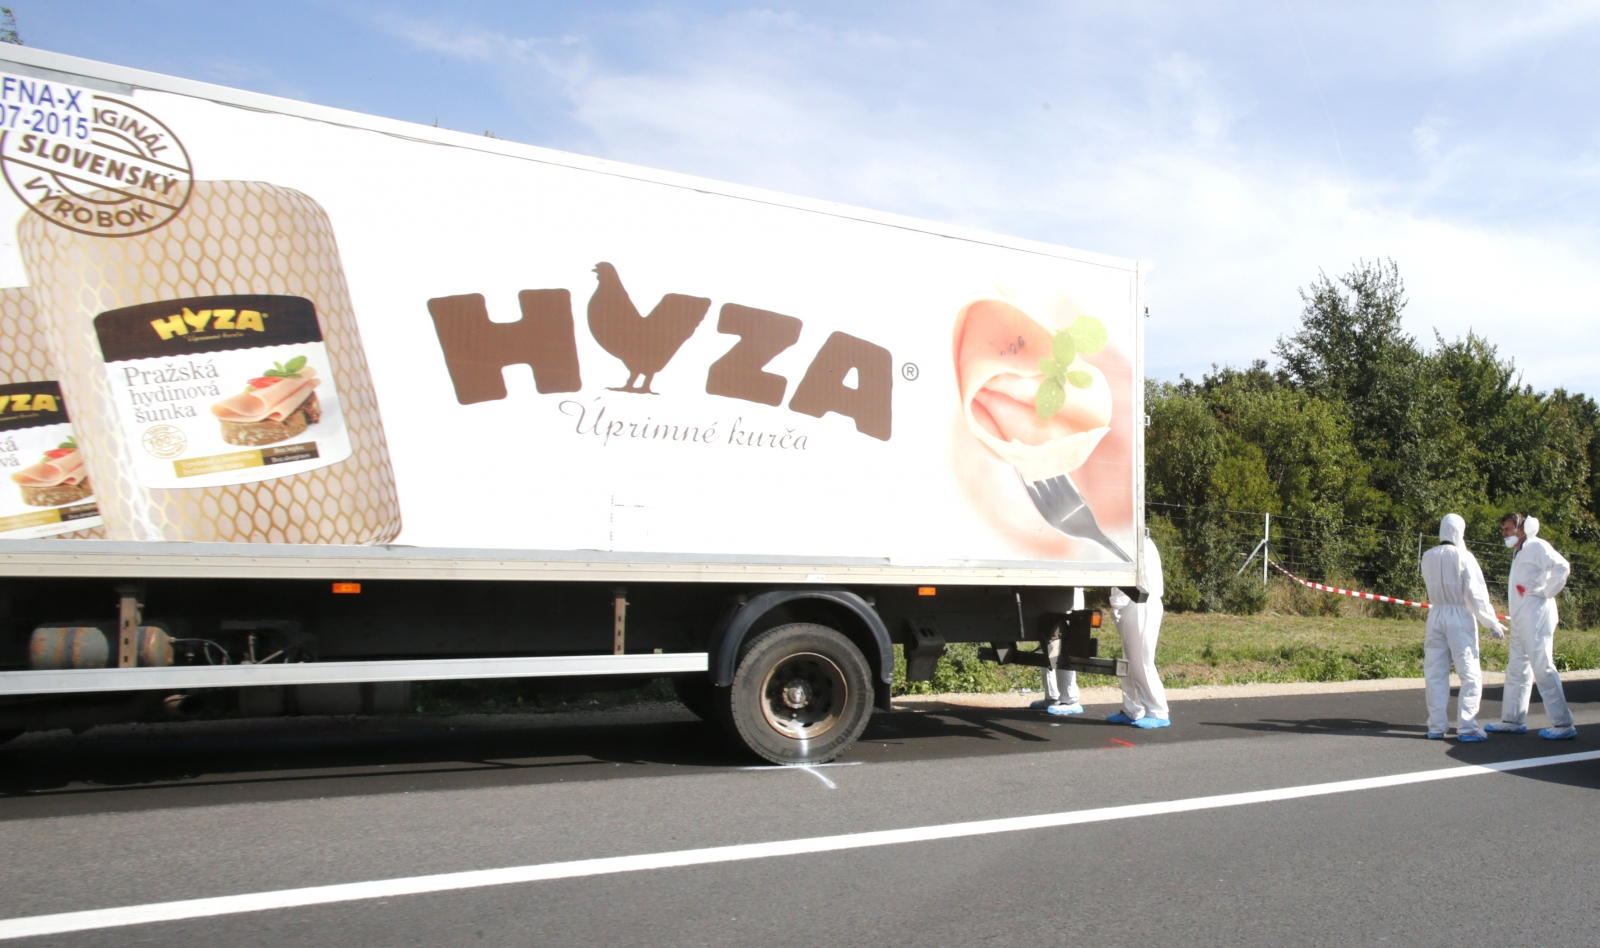 71 migrants dead Austria truck